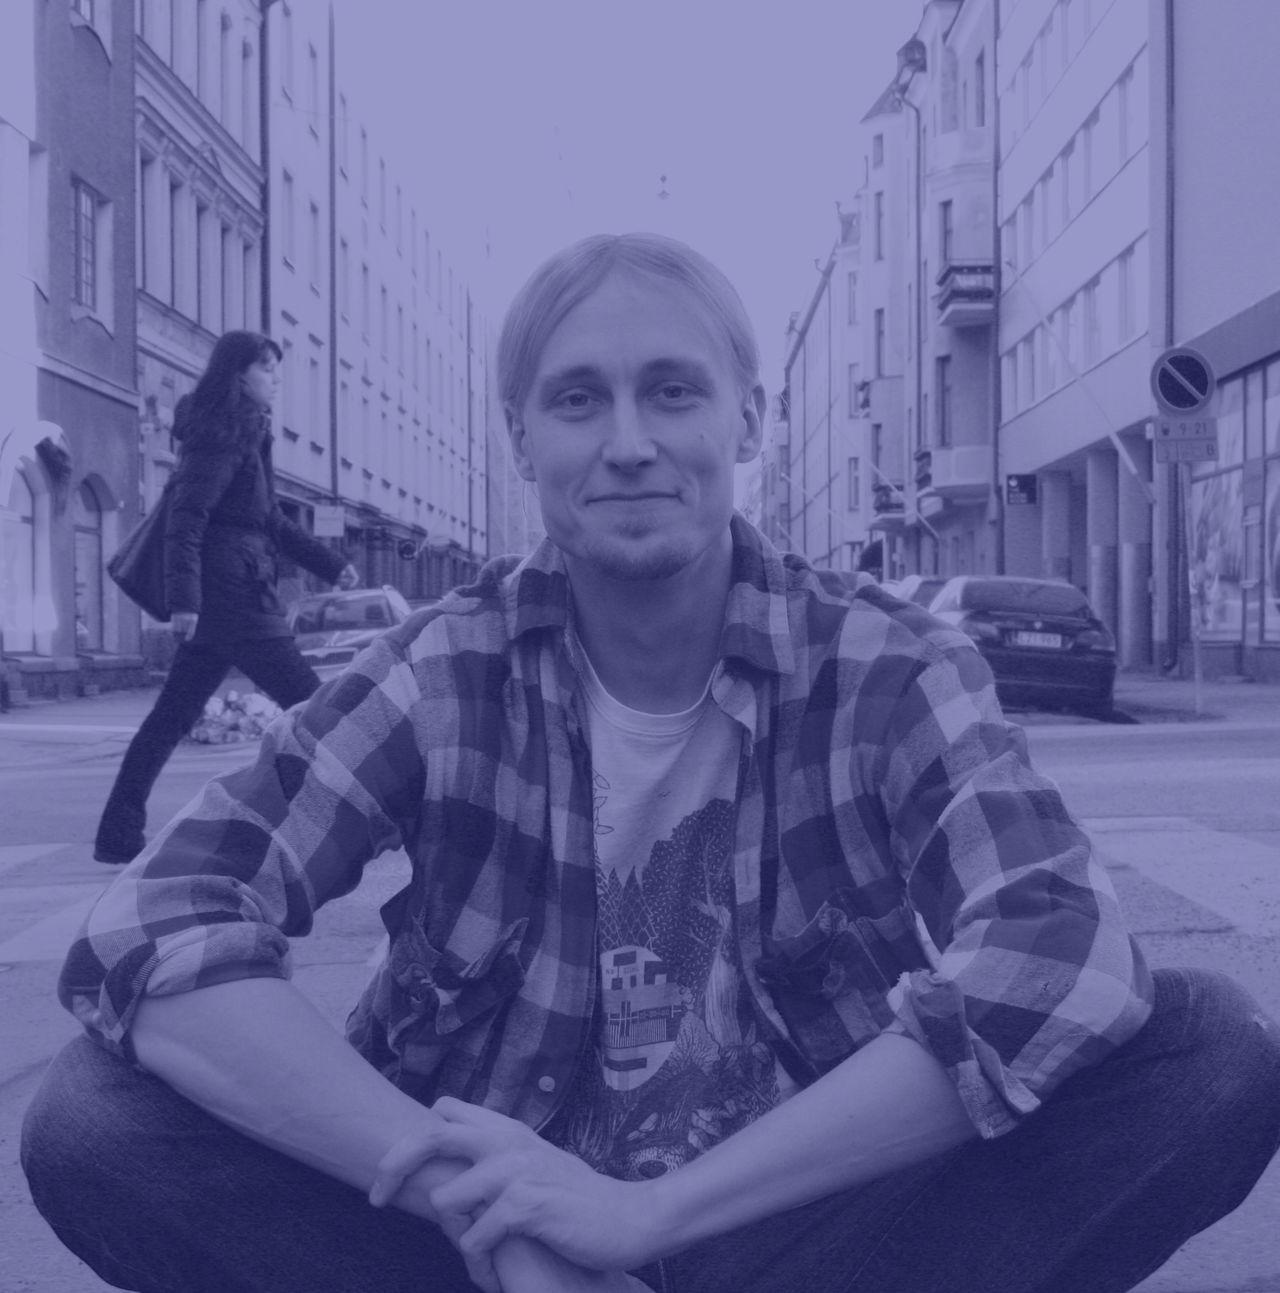 야코 블룸버그 | Jaakko Blomberg